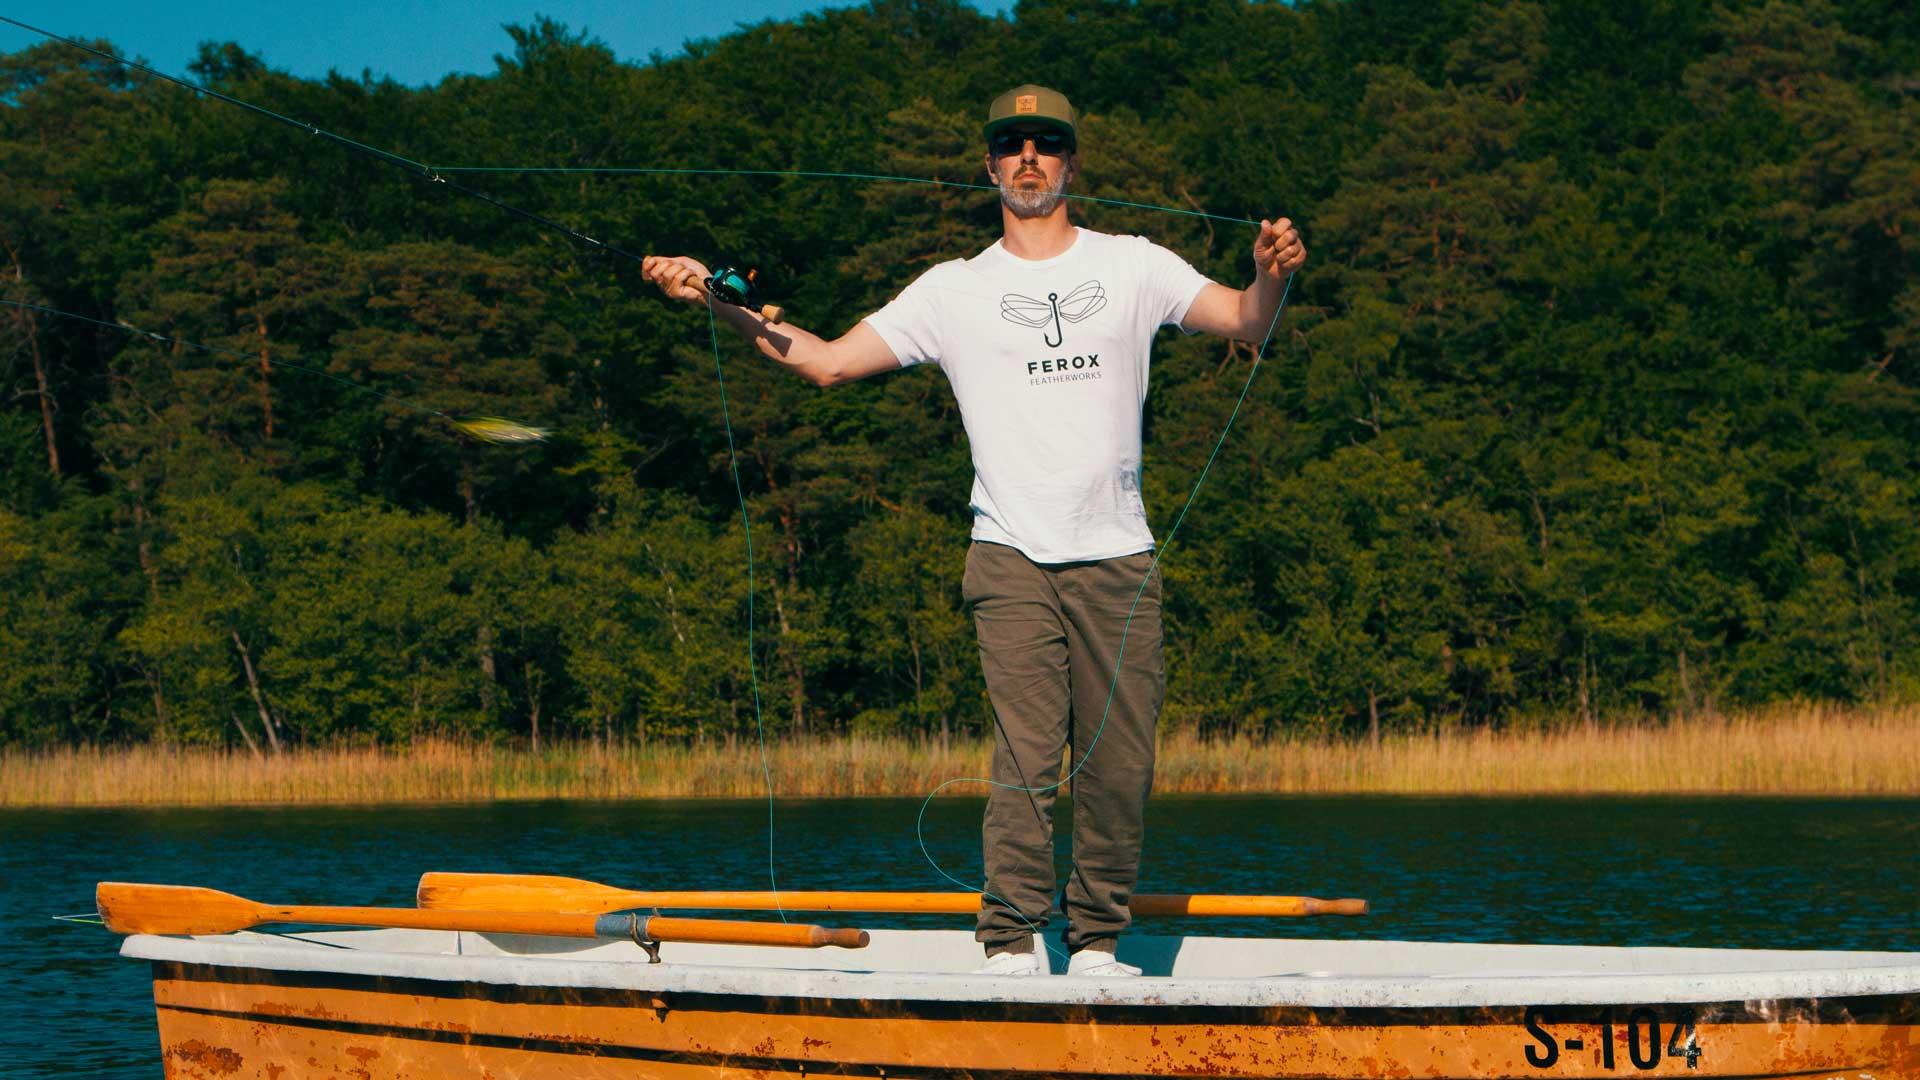 Die Bootsfischerei auf Hechte ist ein Hochgenuss!